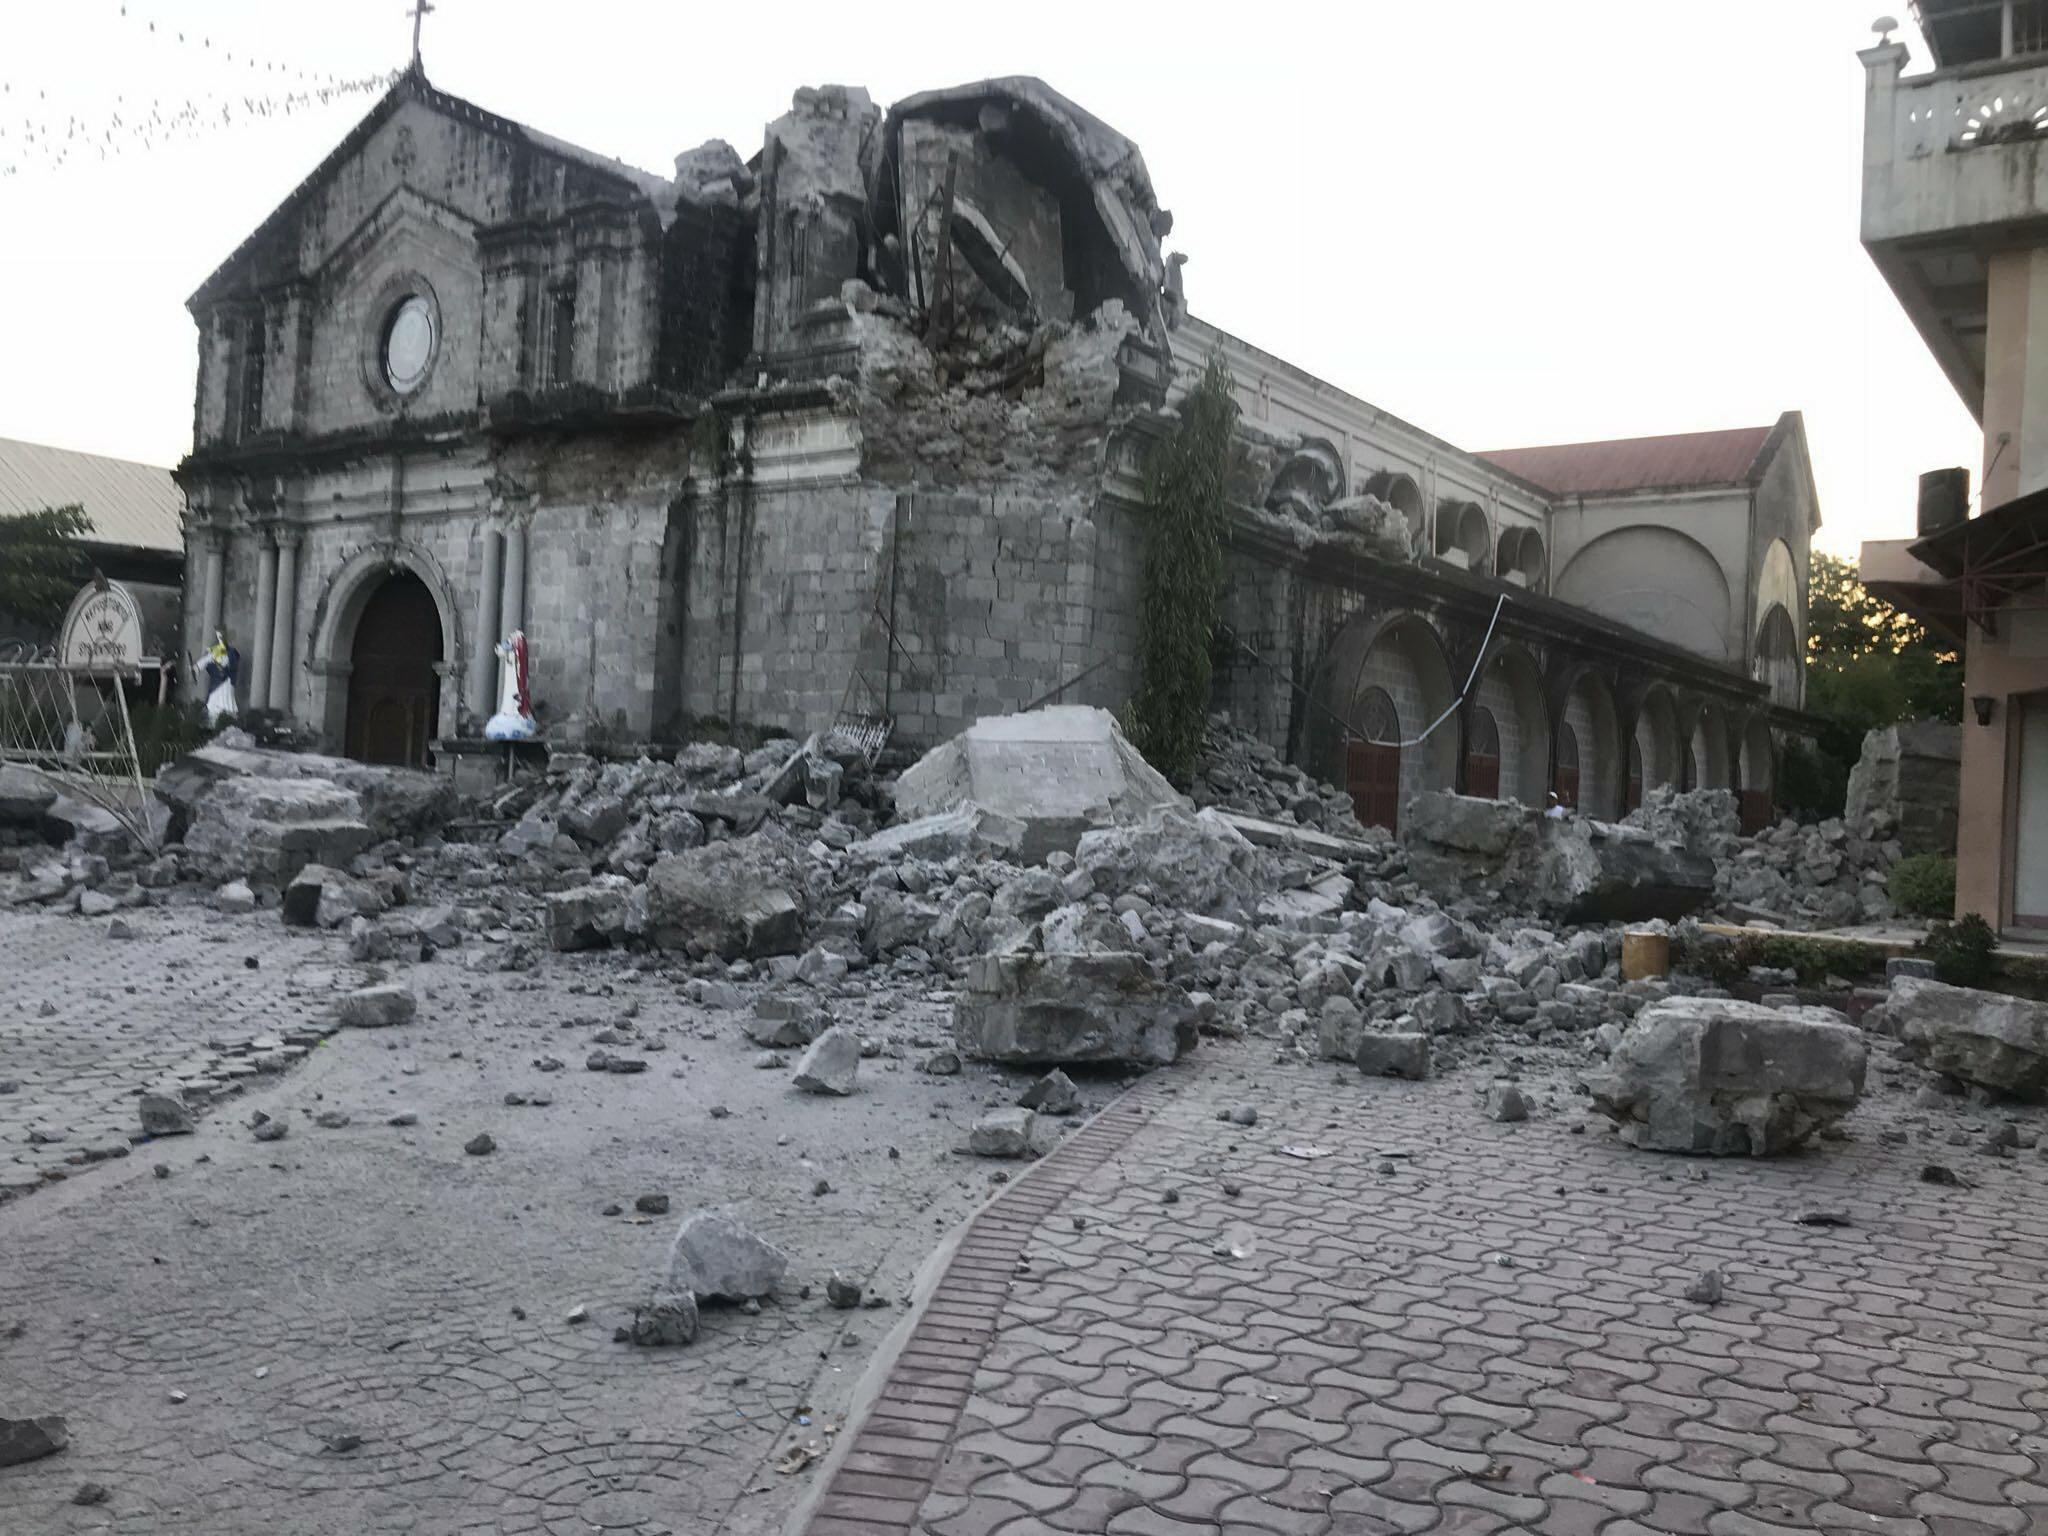 필리핀 북부 팜팡가주 포락시의 성 카트린 성당이 22일 지진으로 파괴됐다. 이날 강진이 필리핀을 덮쳐 붕괴된 건물에 사람이 깔리고 공항 터미널이 피해를 입었으며 정전을 발생시켰다. [AP=연합뉴스]